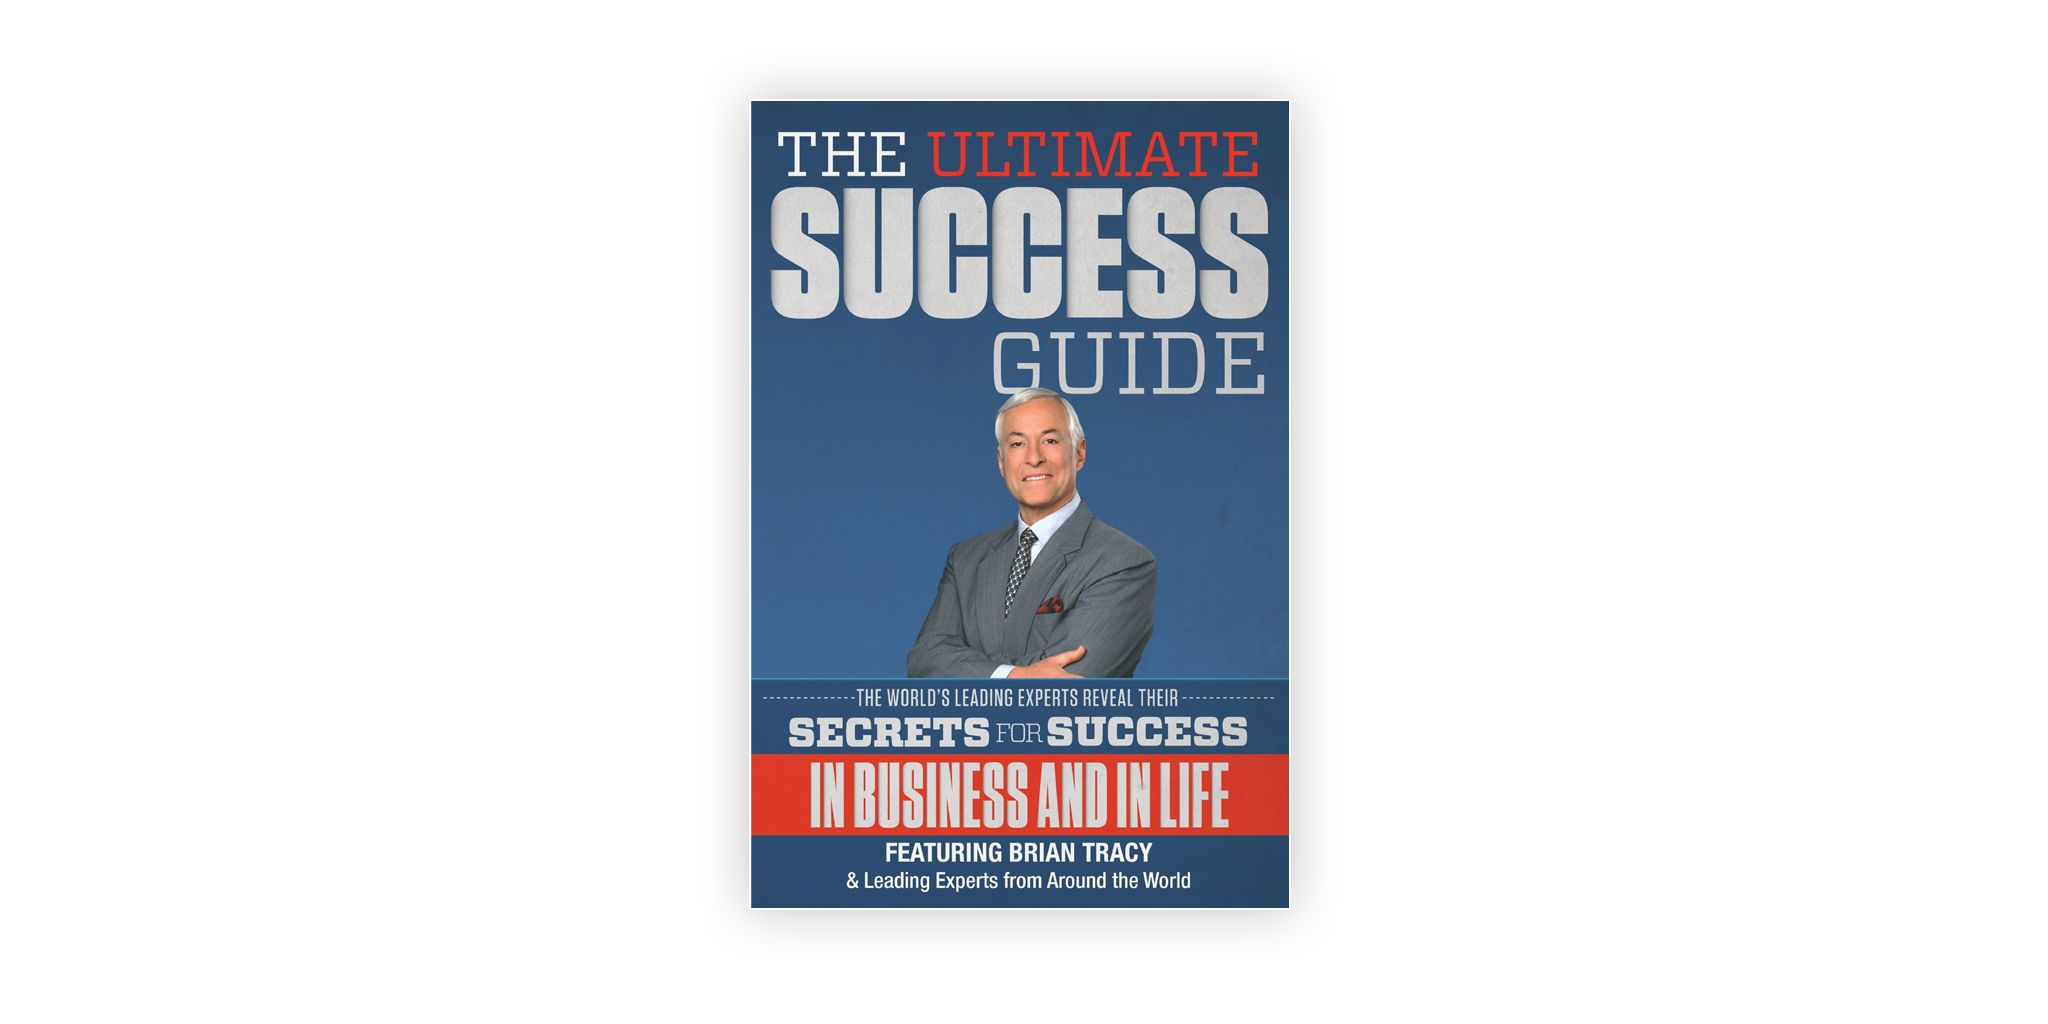 Ultimate success